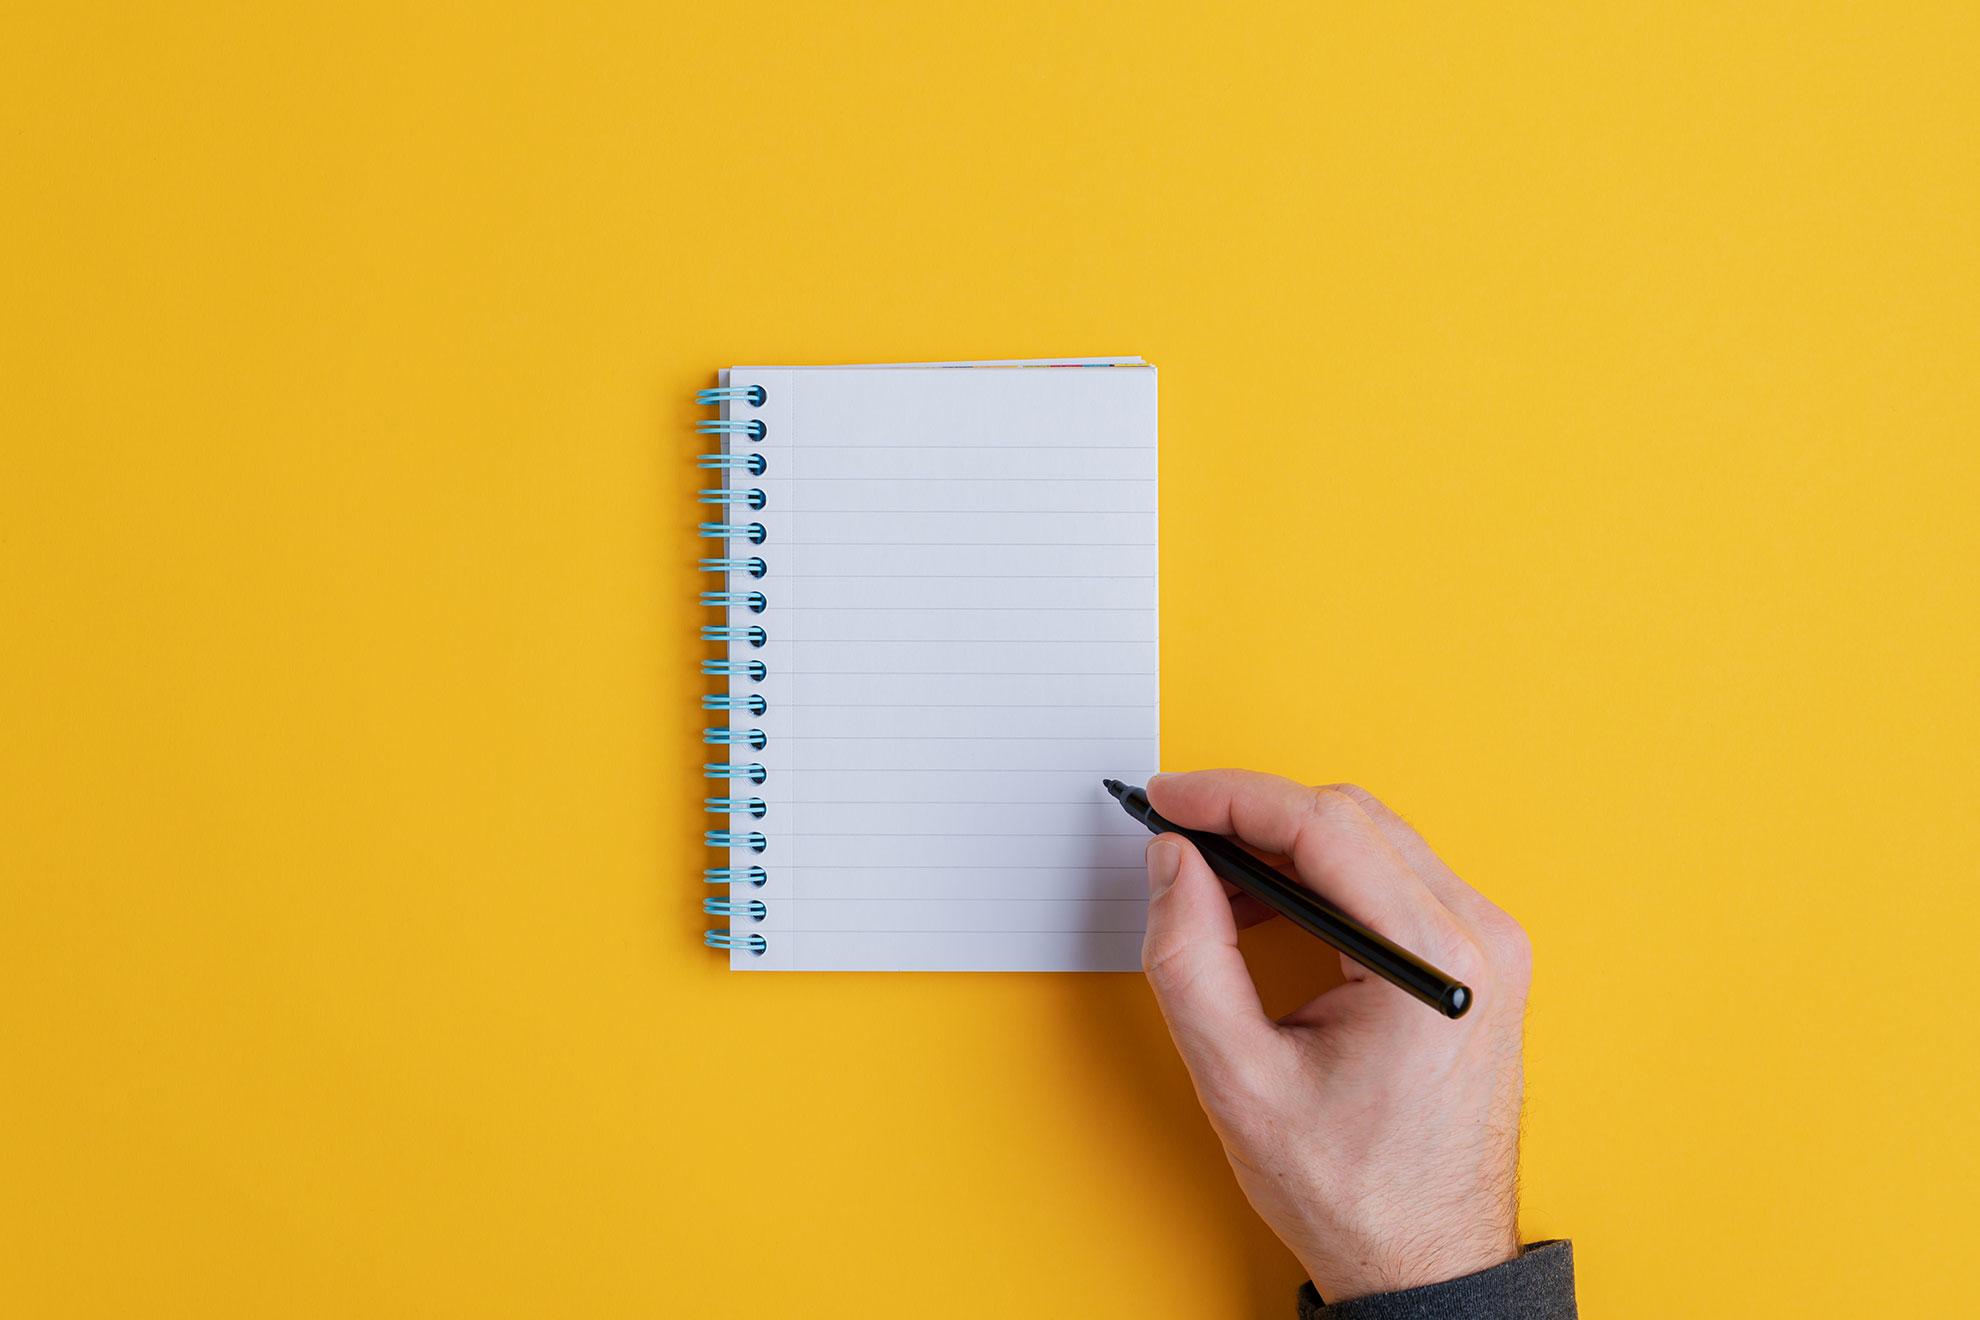 pisanie, ilustracja do artykułu